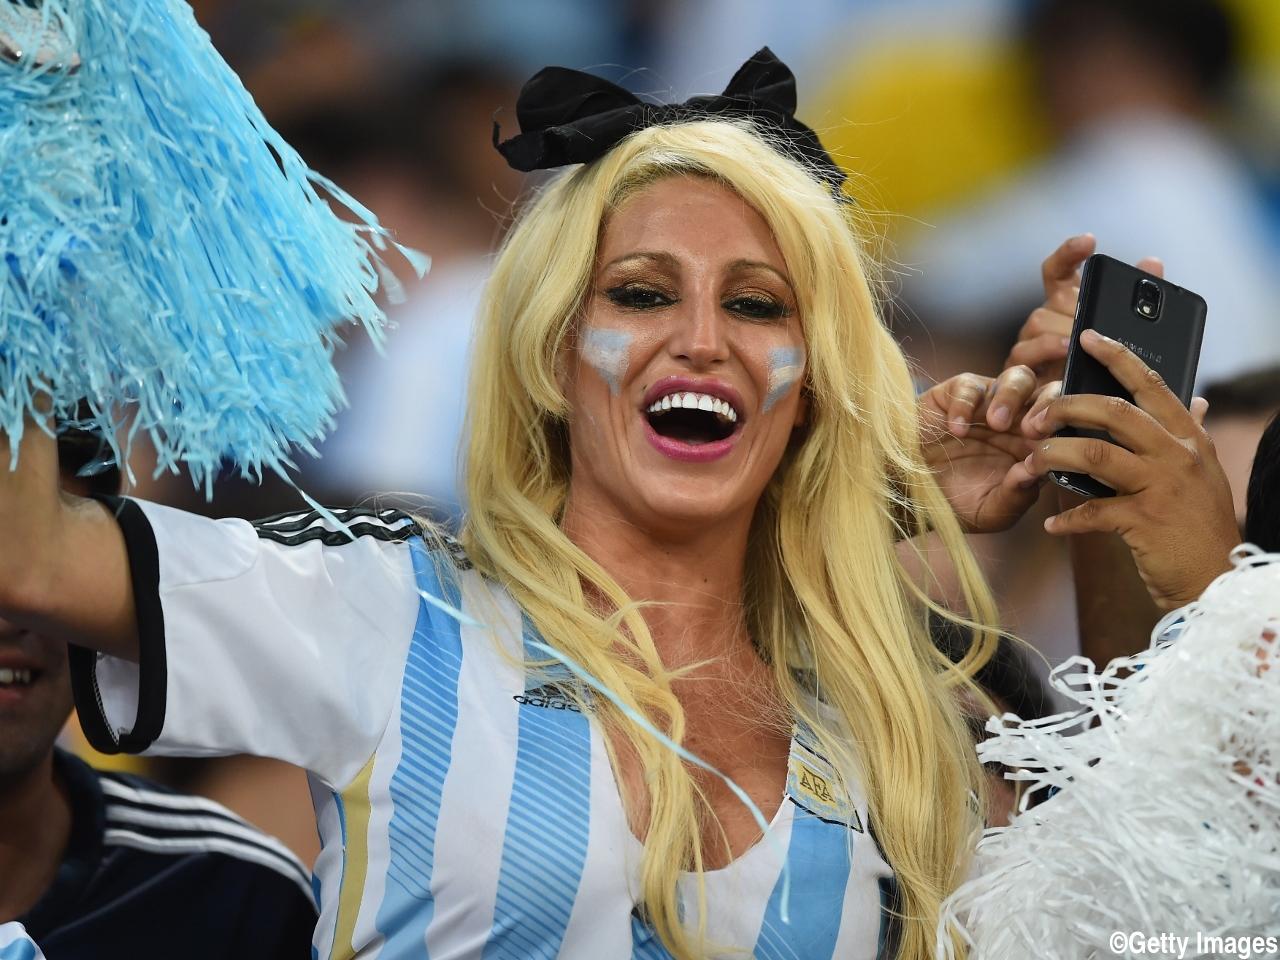 画像 : 南米アルゼンチン ホットな美女の国【画像集】 サッカー・サポーターズ - NAVER まとめ